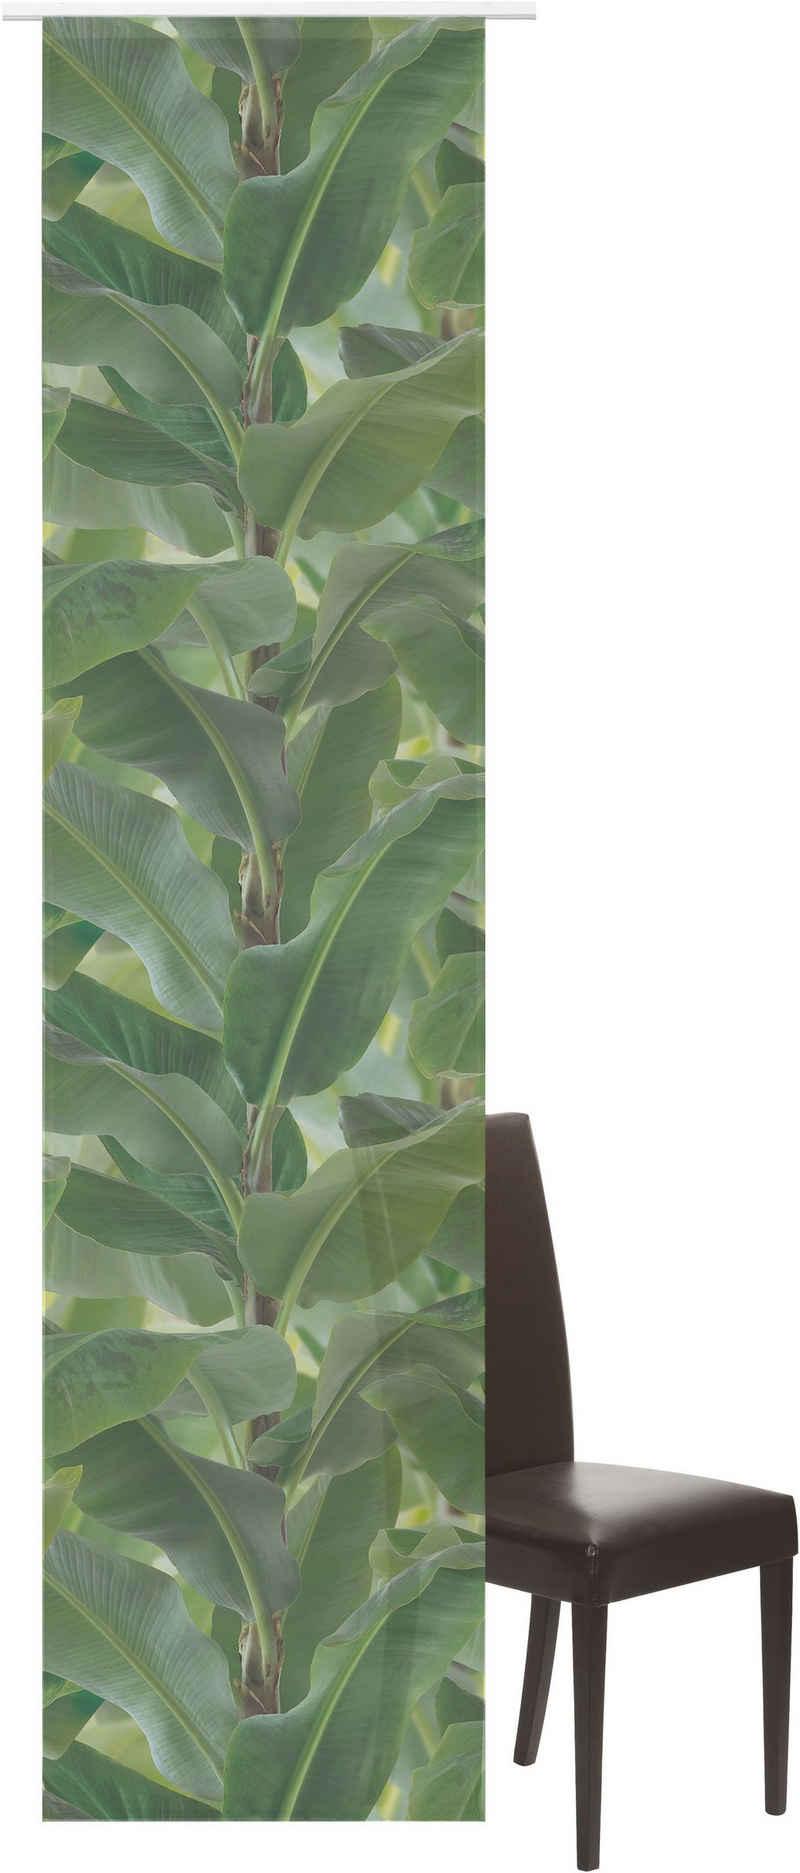 Schiebegardine »Banana-Tree«, ELBERSDRUCKE, Klettband (1 Stück), Schiebevorhang mit Klettband Banana-Tree 03 grün 245x60 cm halbtransparent Digitaldruck